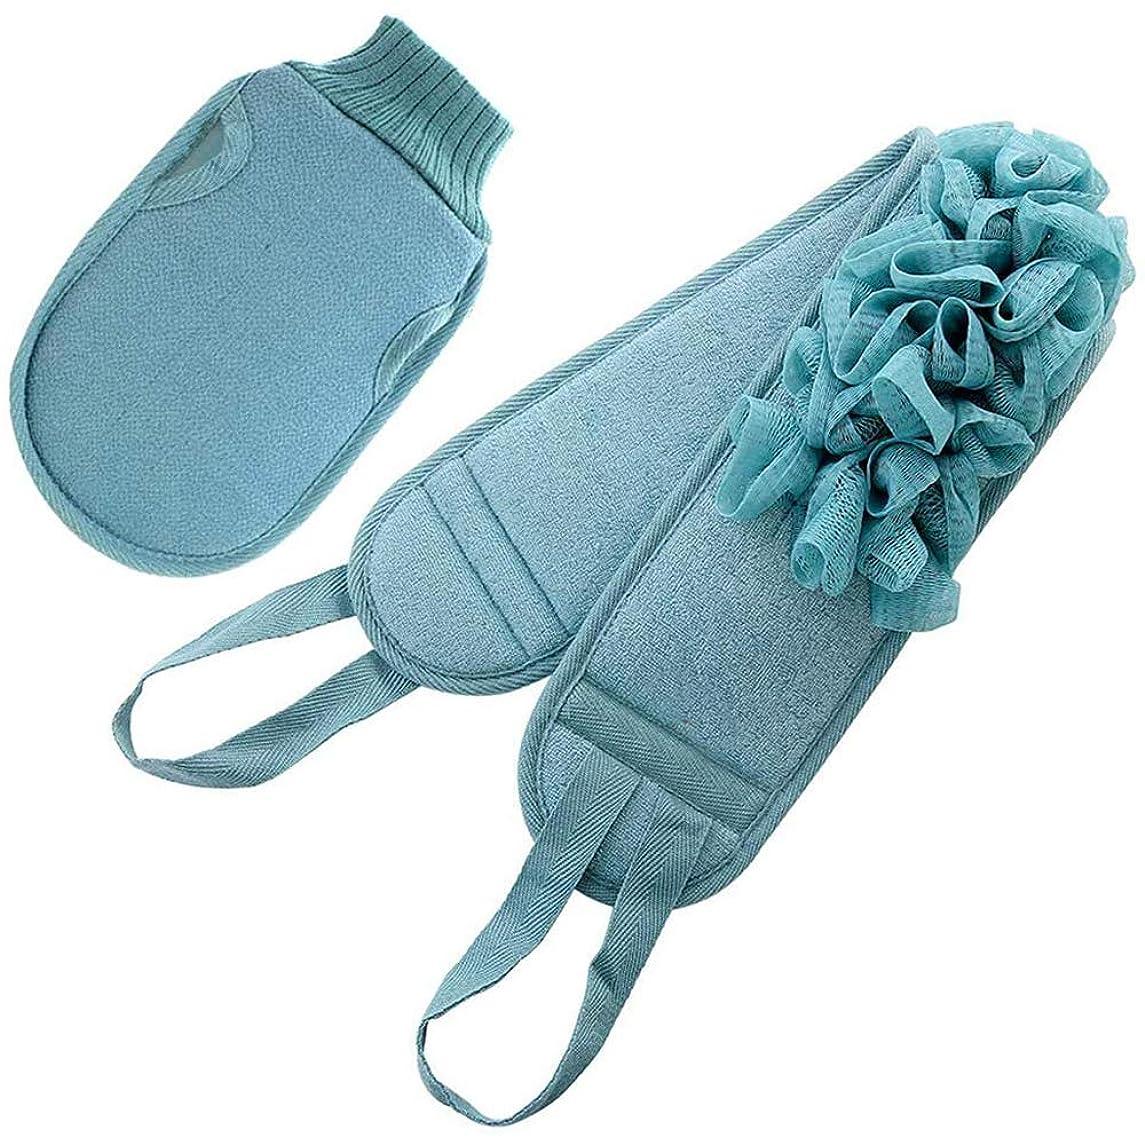 習熟度症候群娯楽1枚セットブルーボディースポンジ シャワーブラシ ベルト両面用 垢すりタオル